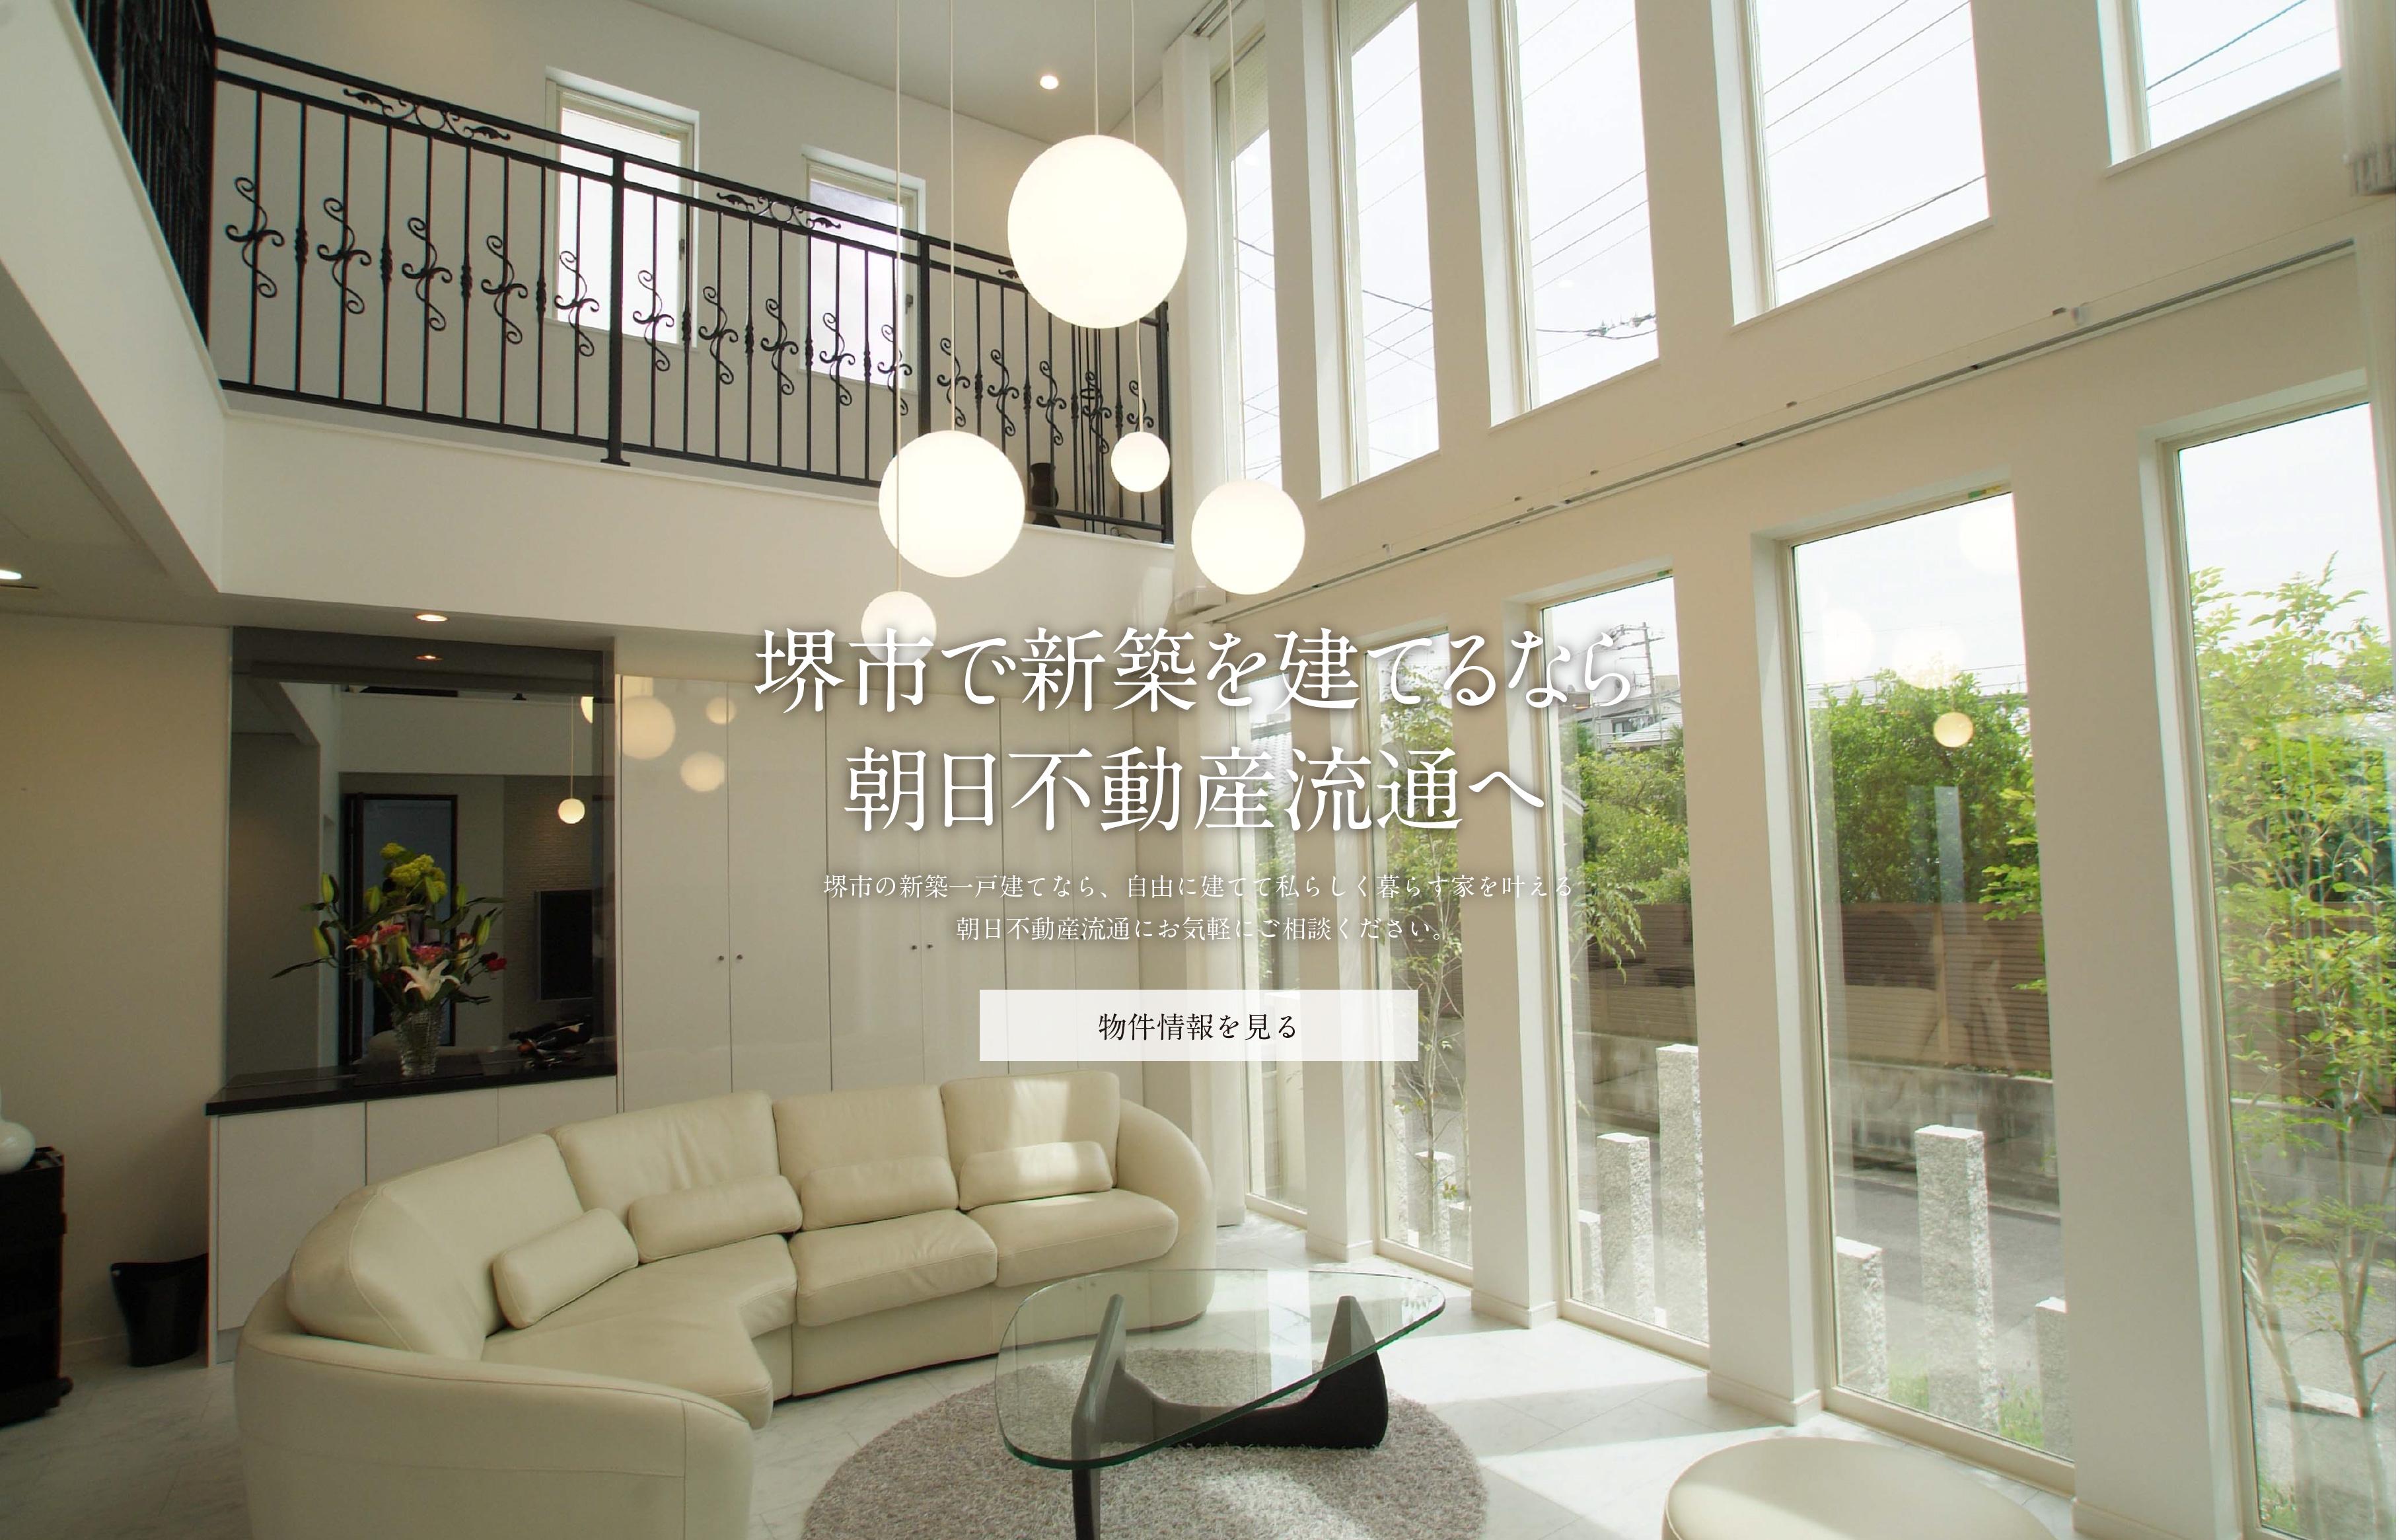 堺で家を建てるなら朝日不動産流通へ